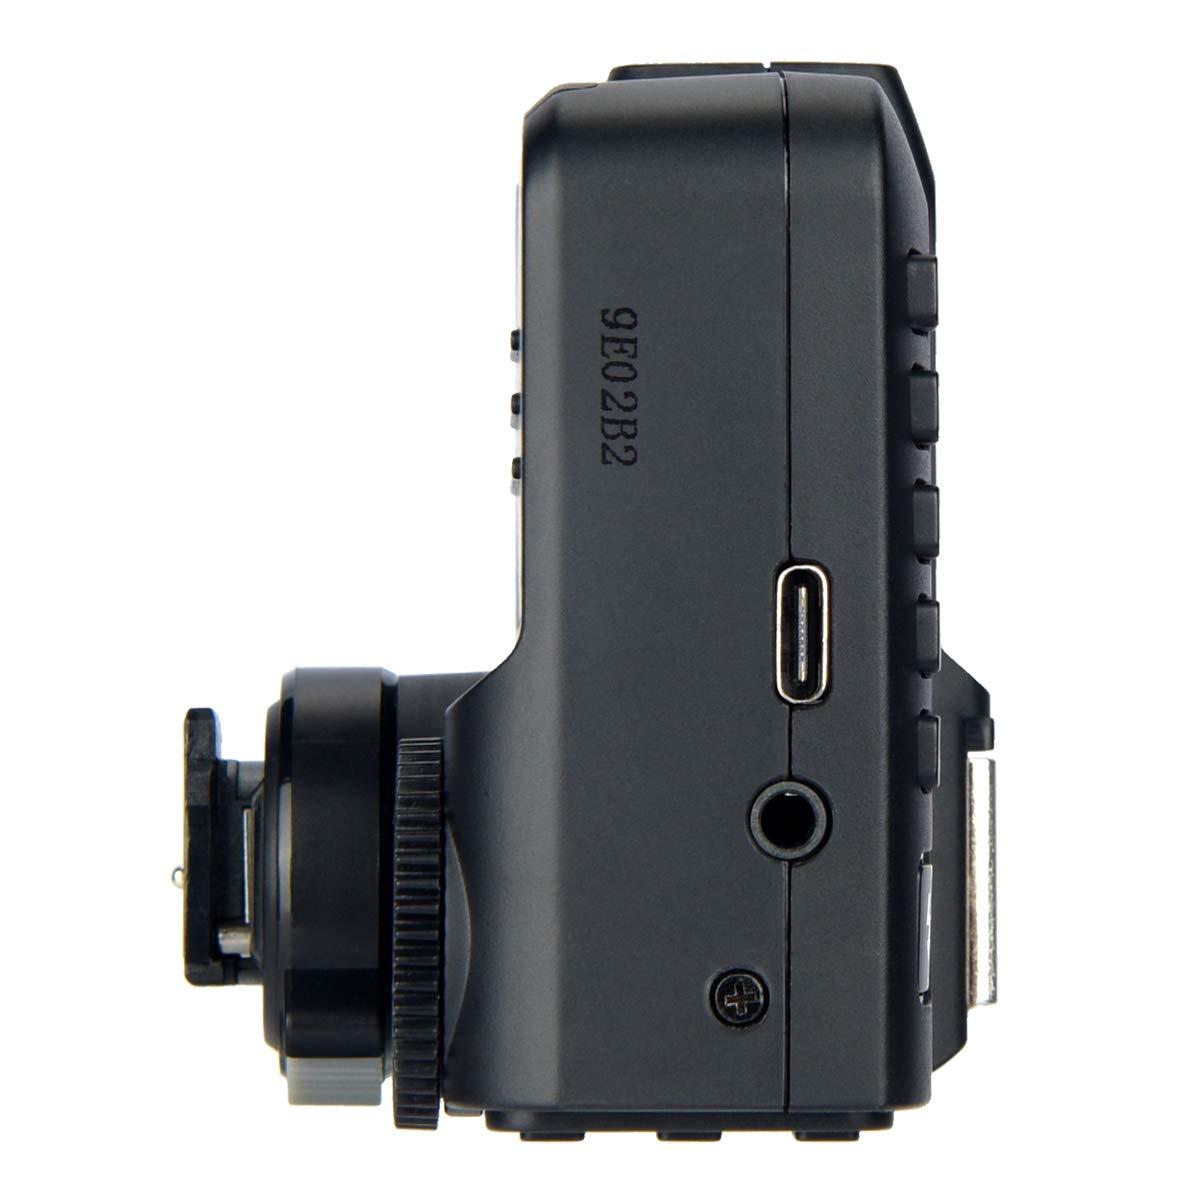 Godox X2T-S TTL Wireless Flash Trigger 1/8000s HSS TTL, Phone APP Adjustment, Compatible Sony (X2T-S) by Godox (Image #5)